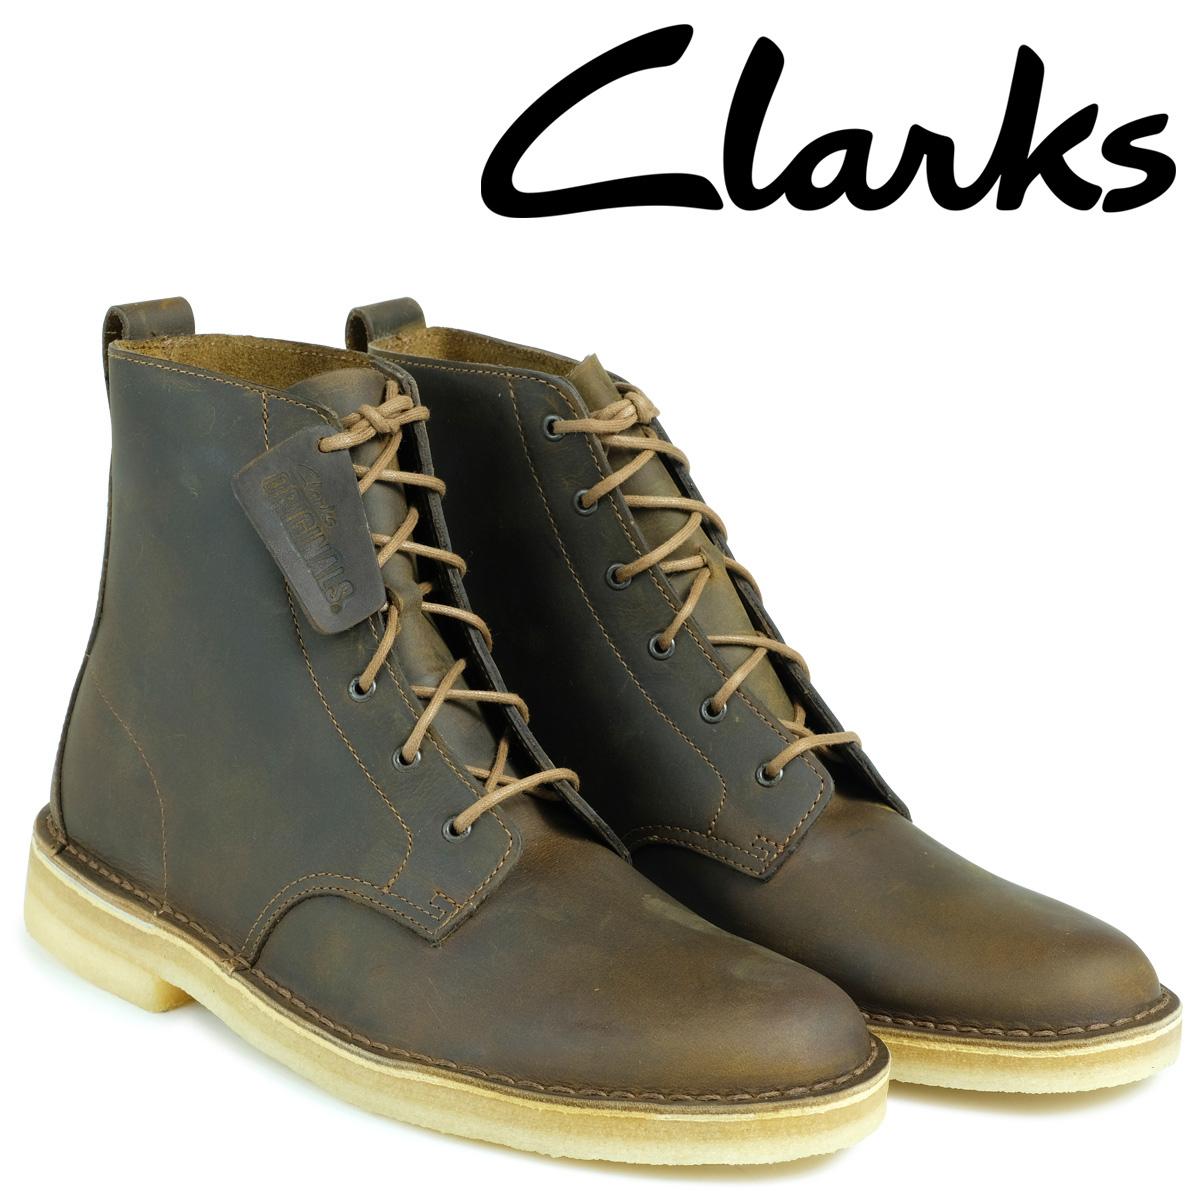 クラークス Clarks デザートブーツ メンズ DESERT MALI マリ 26113253 ブラウン